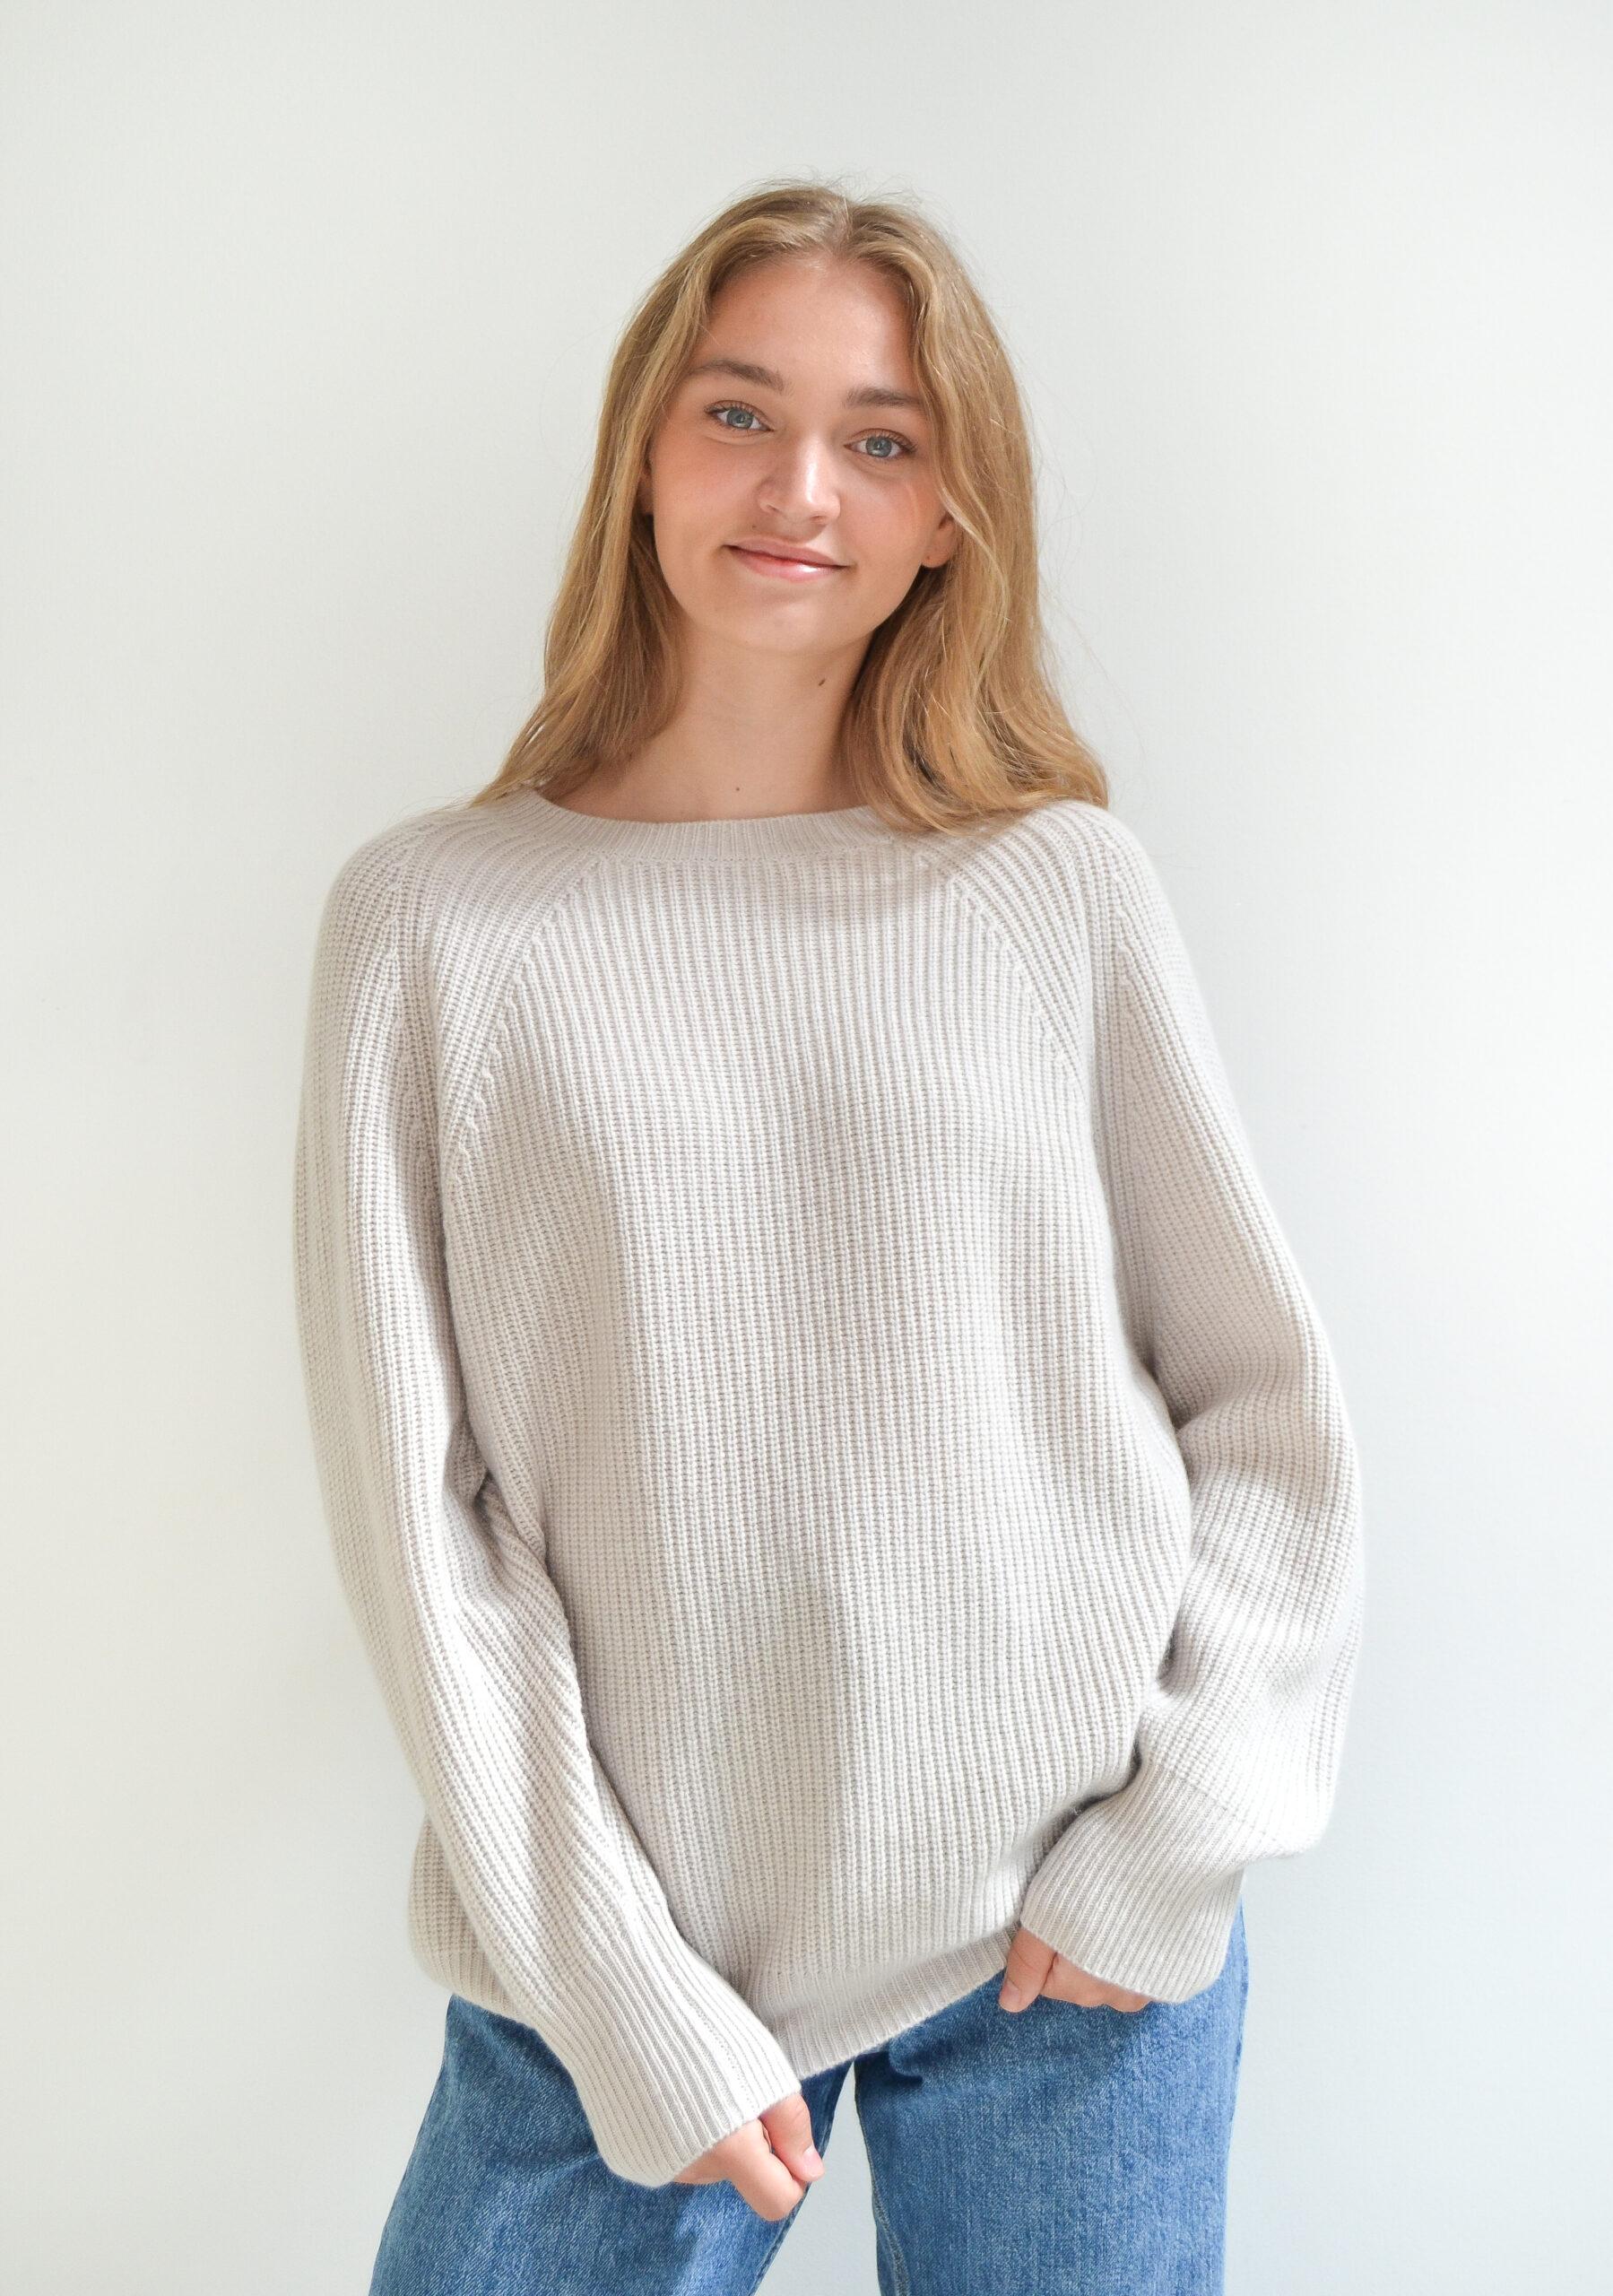 Vores oversize sweater i 100% cashmere i en flot grålig farve